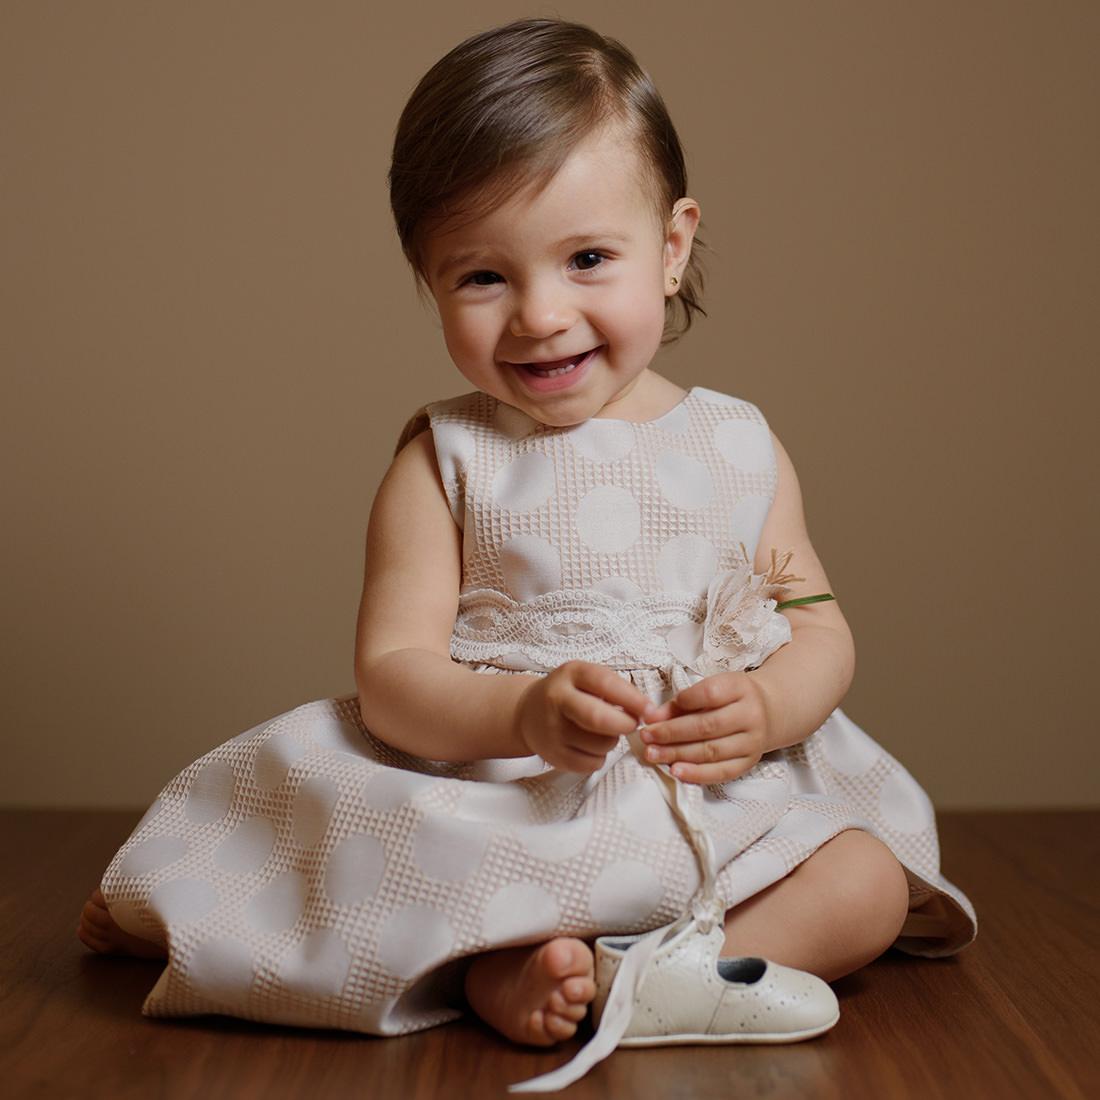 foto de bebe para recordatorios de su bautizo